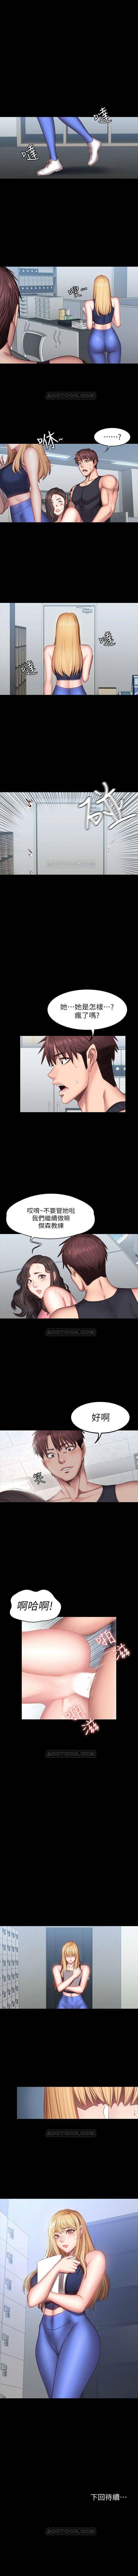 (週3)健身教練 1-37 中文翻譯 (更新中) 229